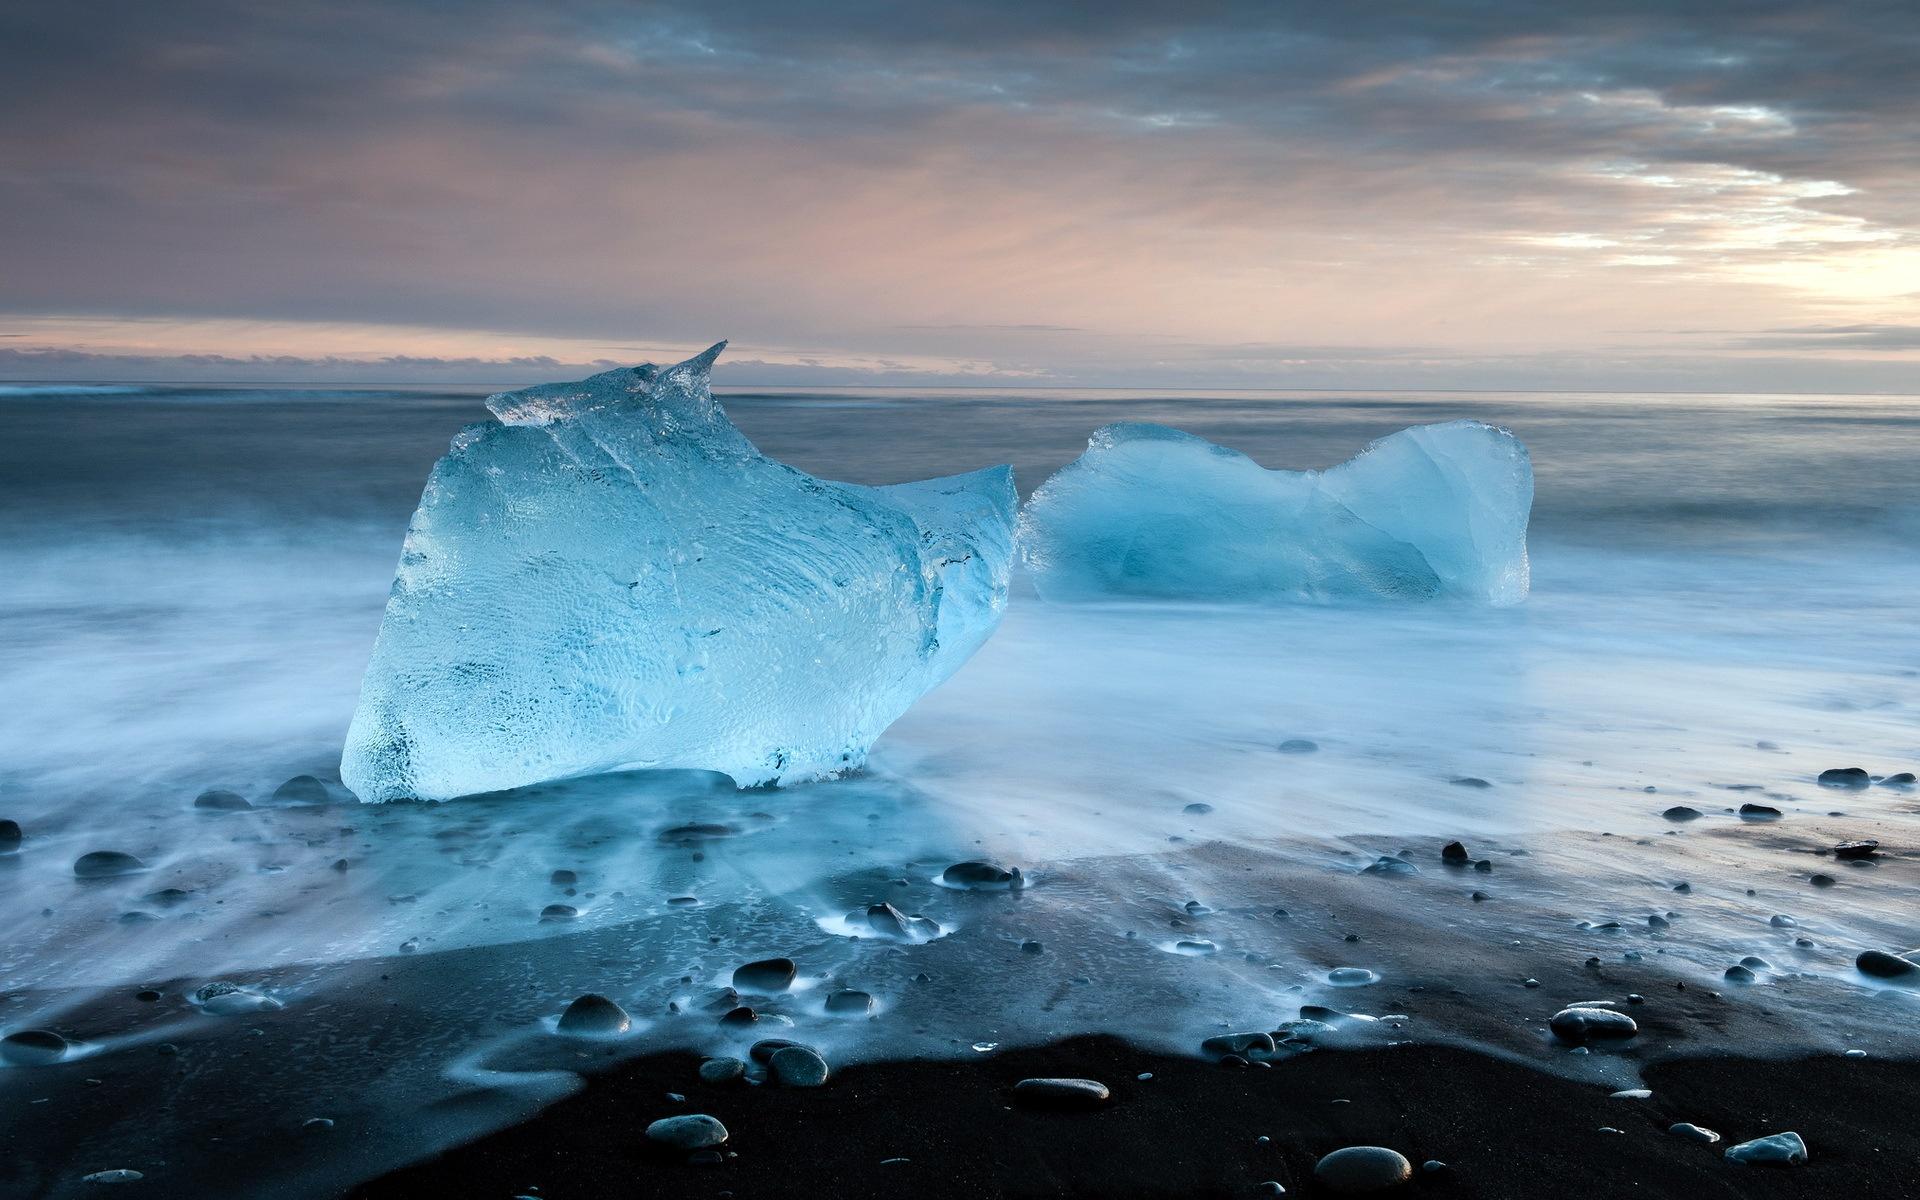 水晶桌面壁纸高清_桌布 水晶蓝海冰 1920x1200 hd 高清桌布, 图片, 照片